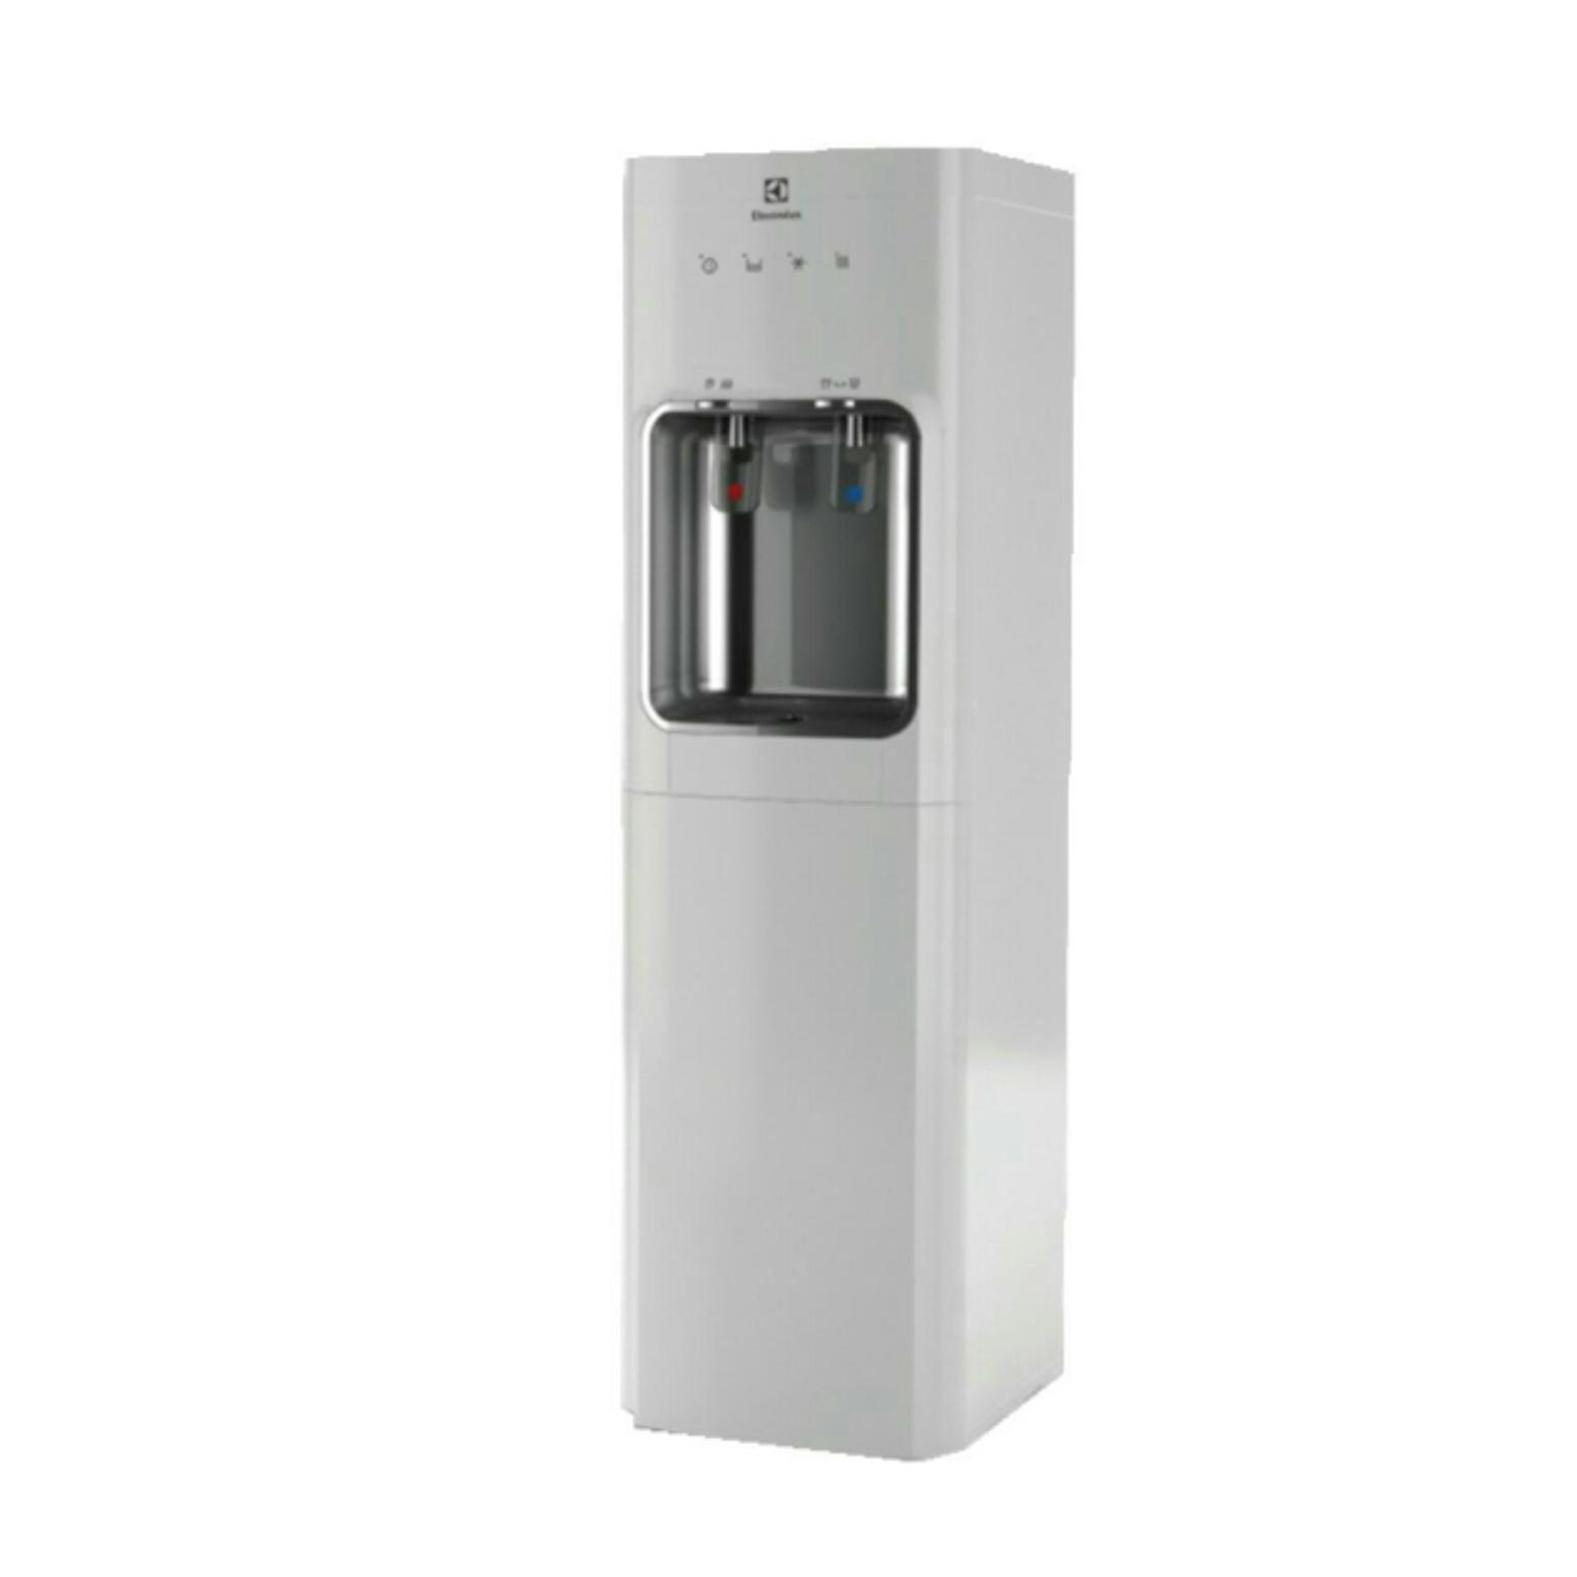 Toko Indonesia Perbandingan Harga Peralatan Rumah Tangga Electrolux Setrika Edi1014 Sale Dispenser Eqbxfoobxwi Putih Galon Bawah Murah